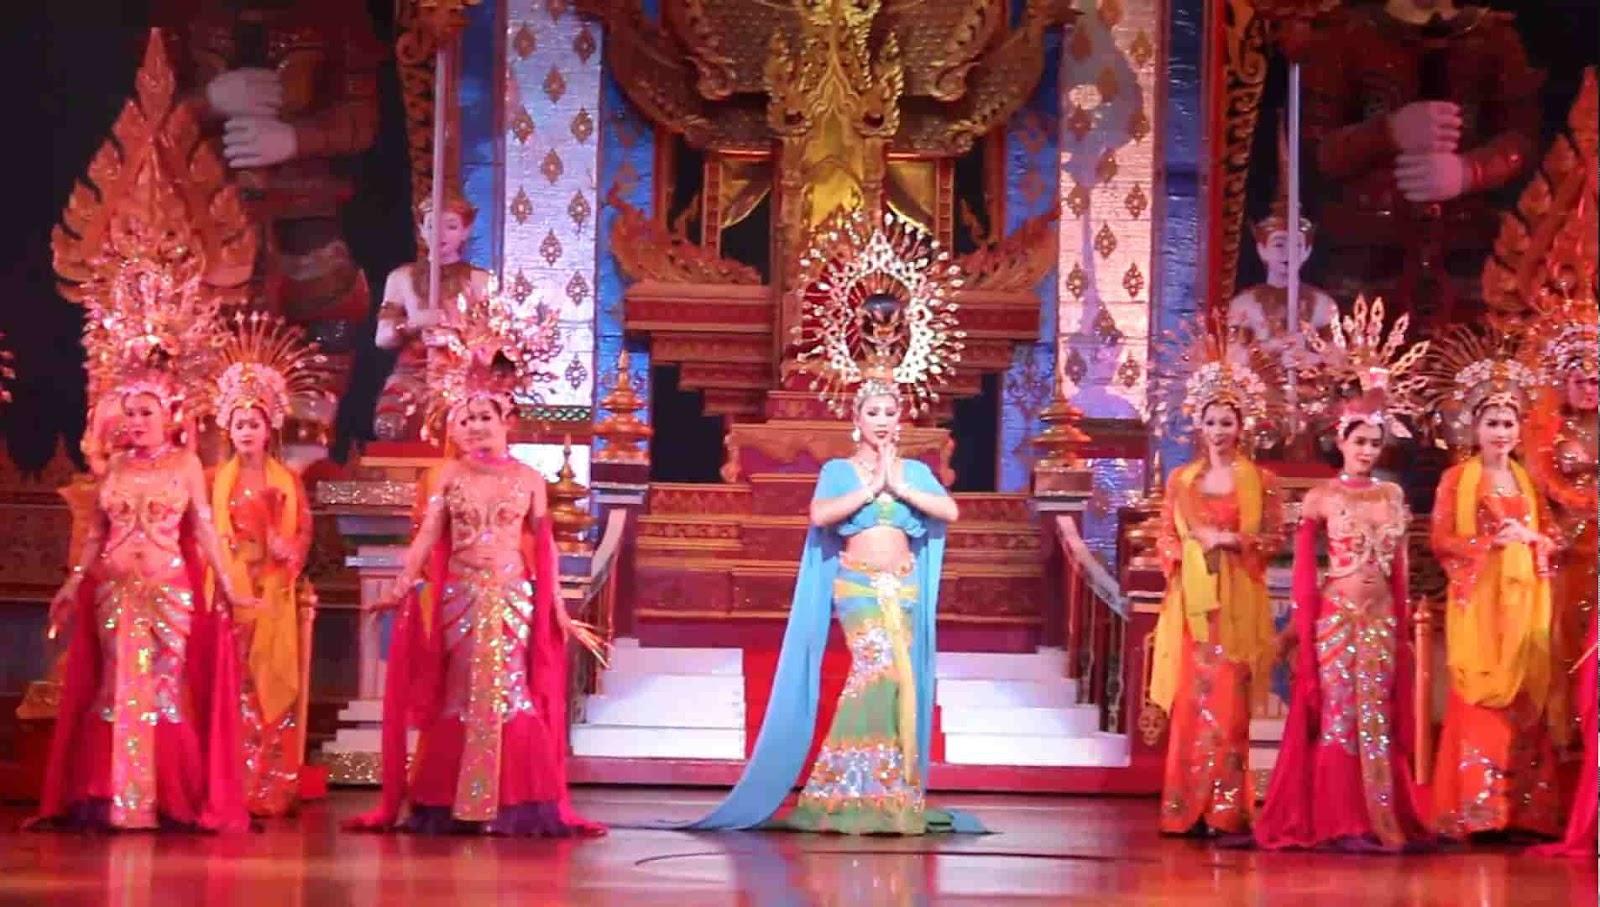 Bangkok Pattaya Holiday packages